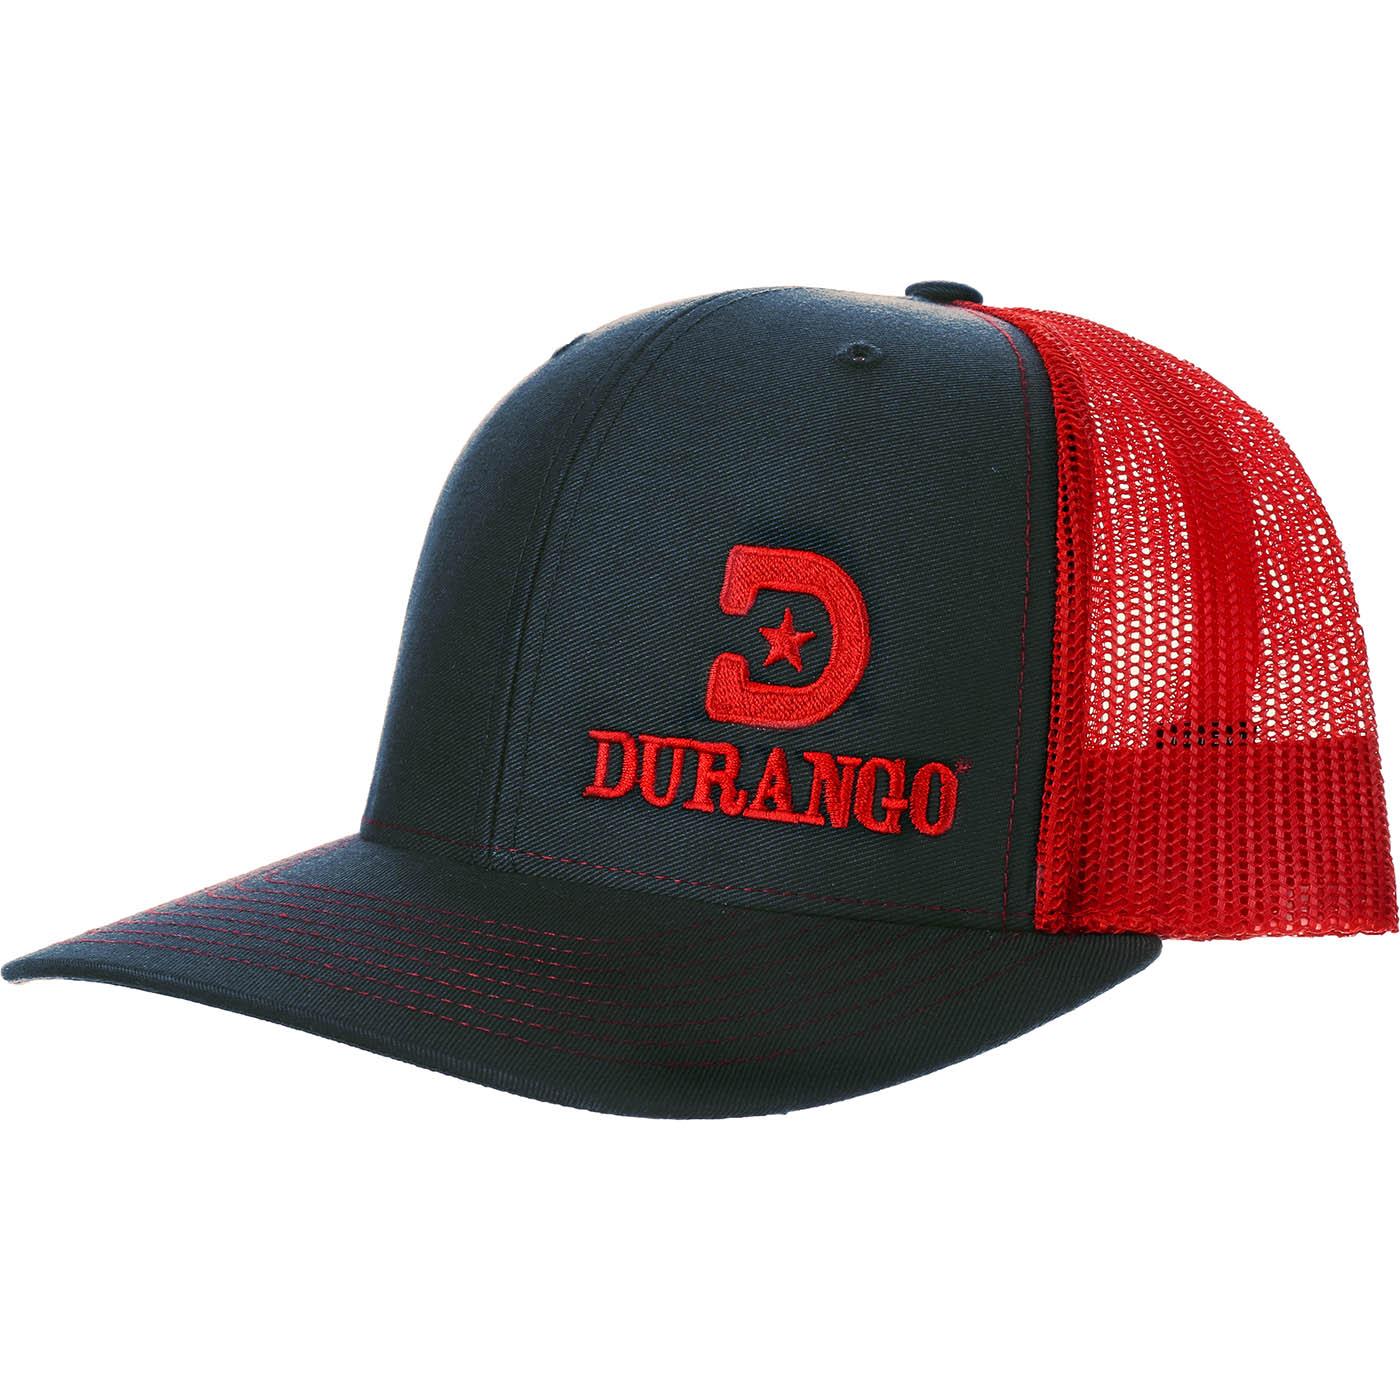 8d58d9972f5fd Durango Richardson Ball Cap in Red   Gray